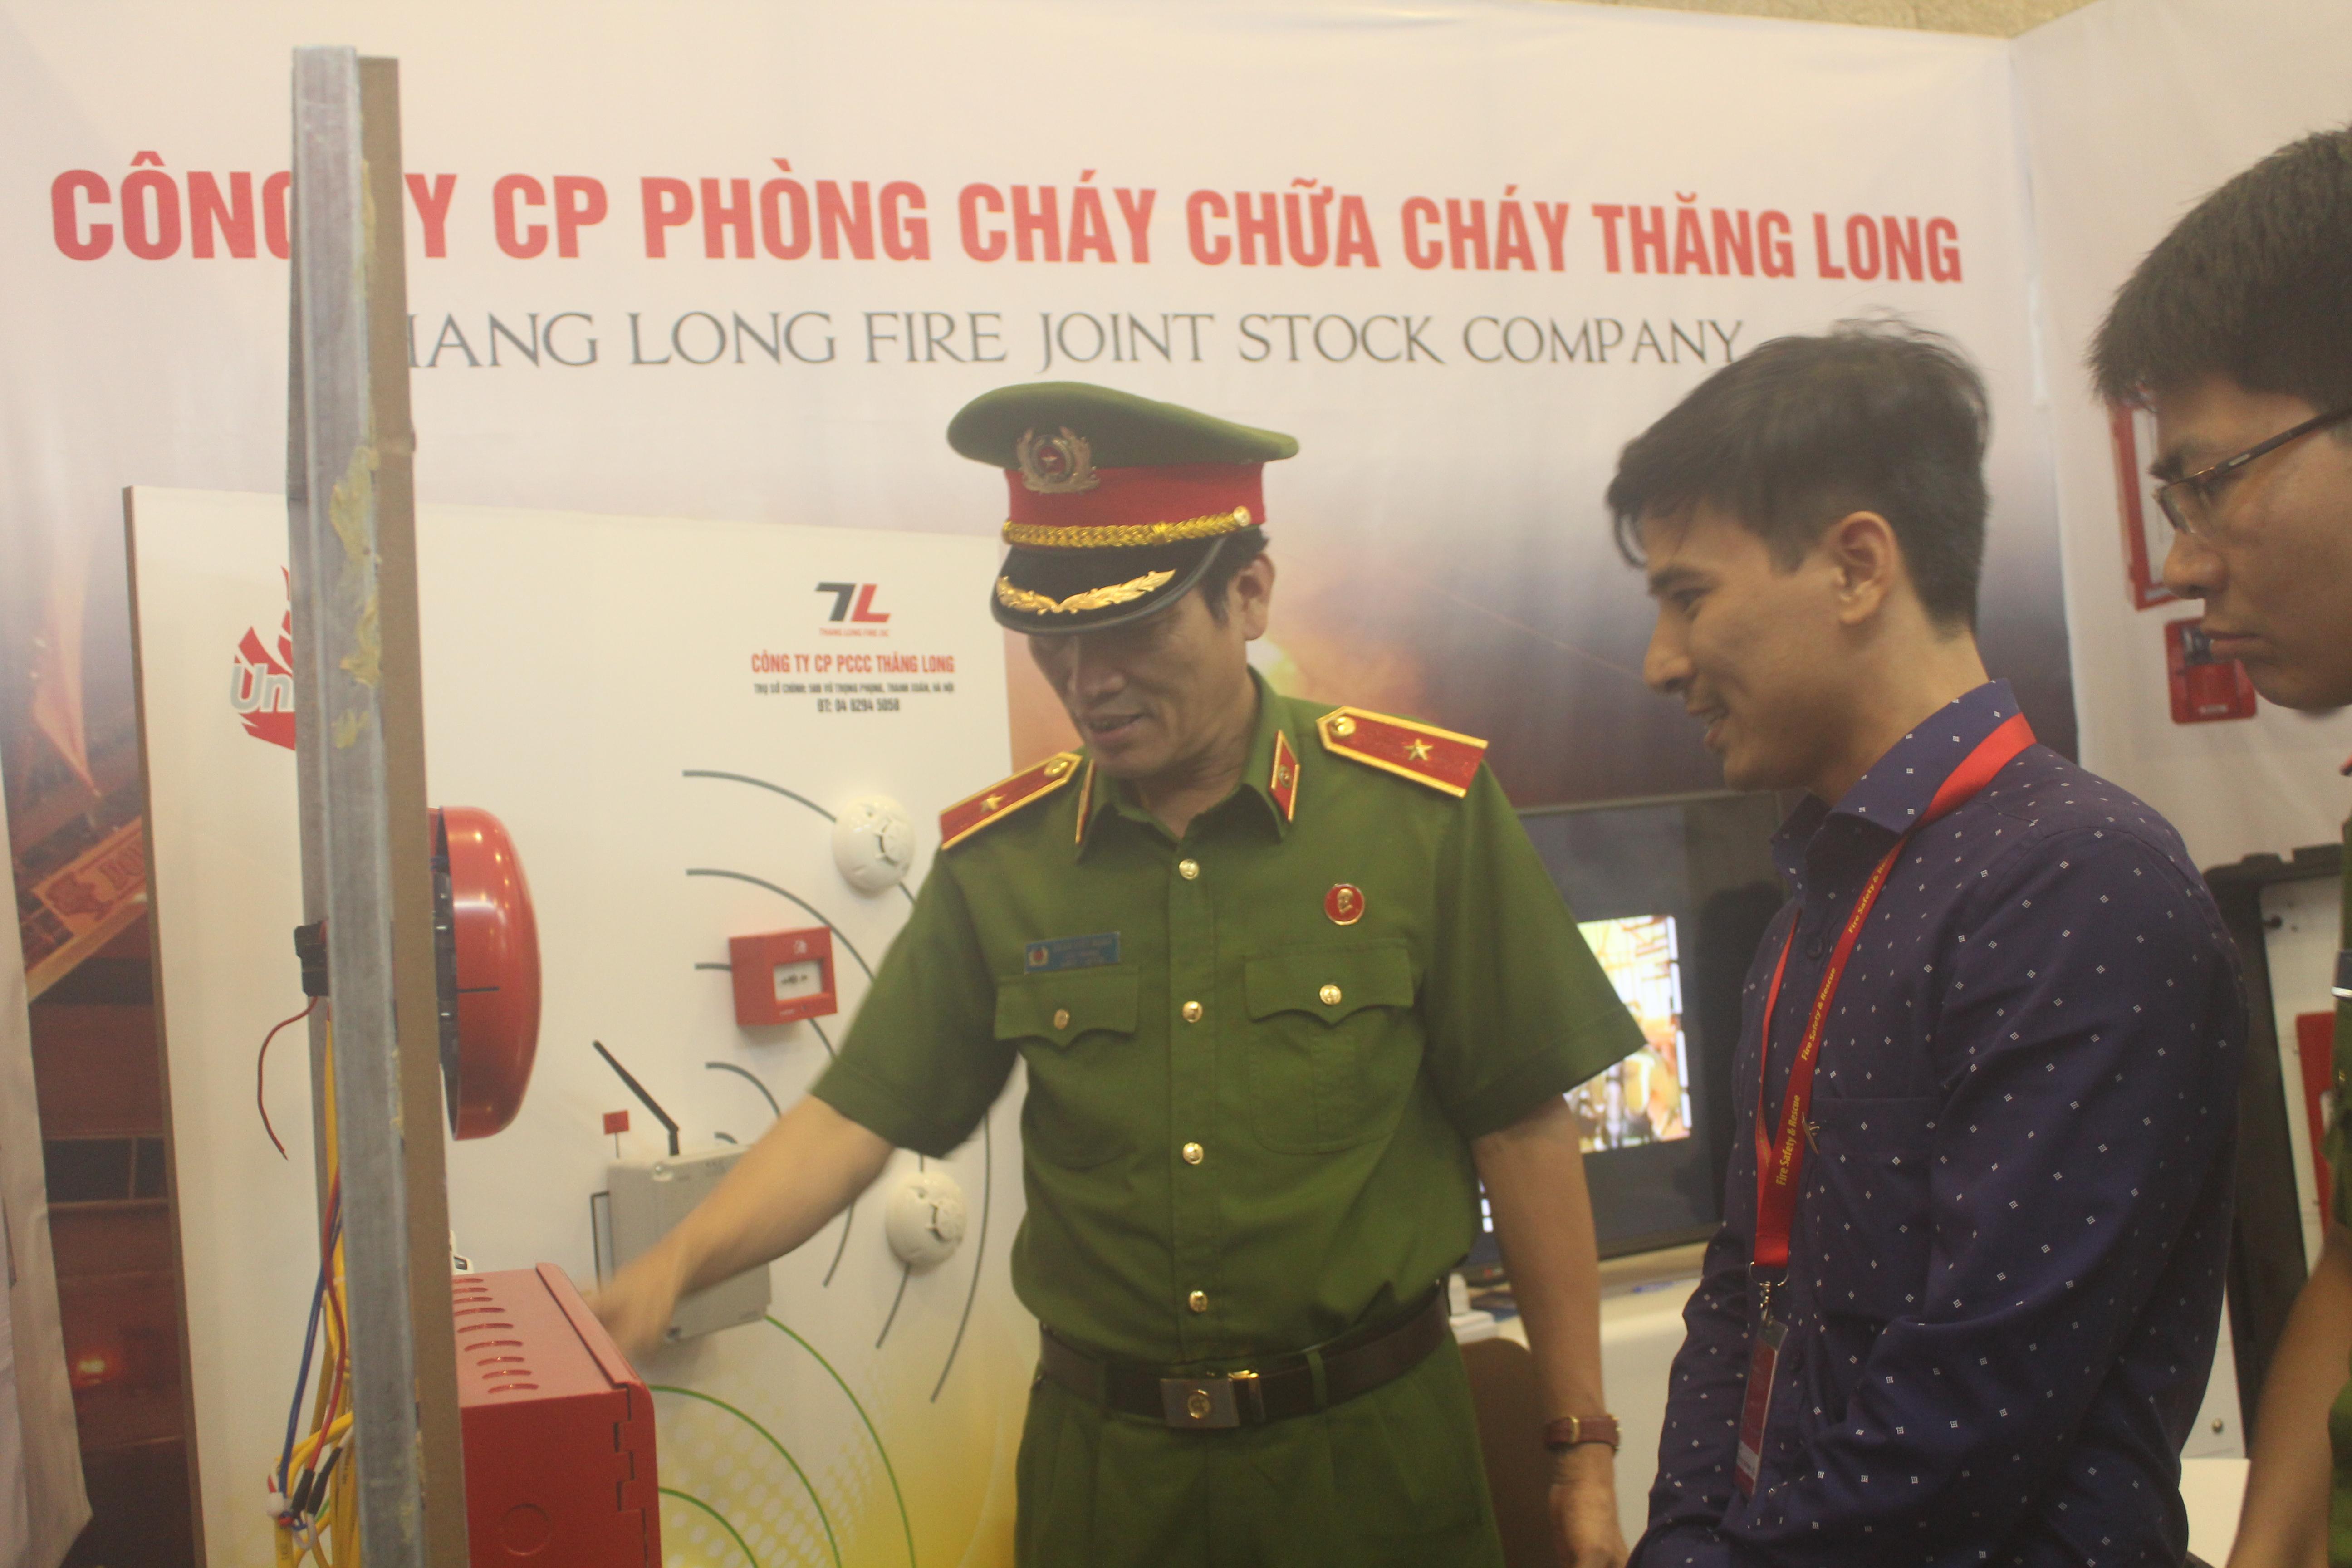 Hanoi exhibition